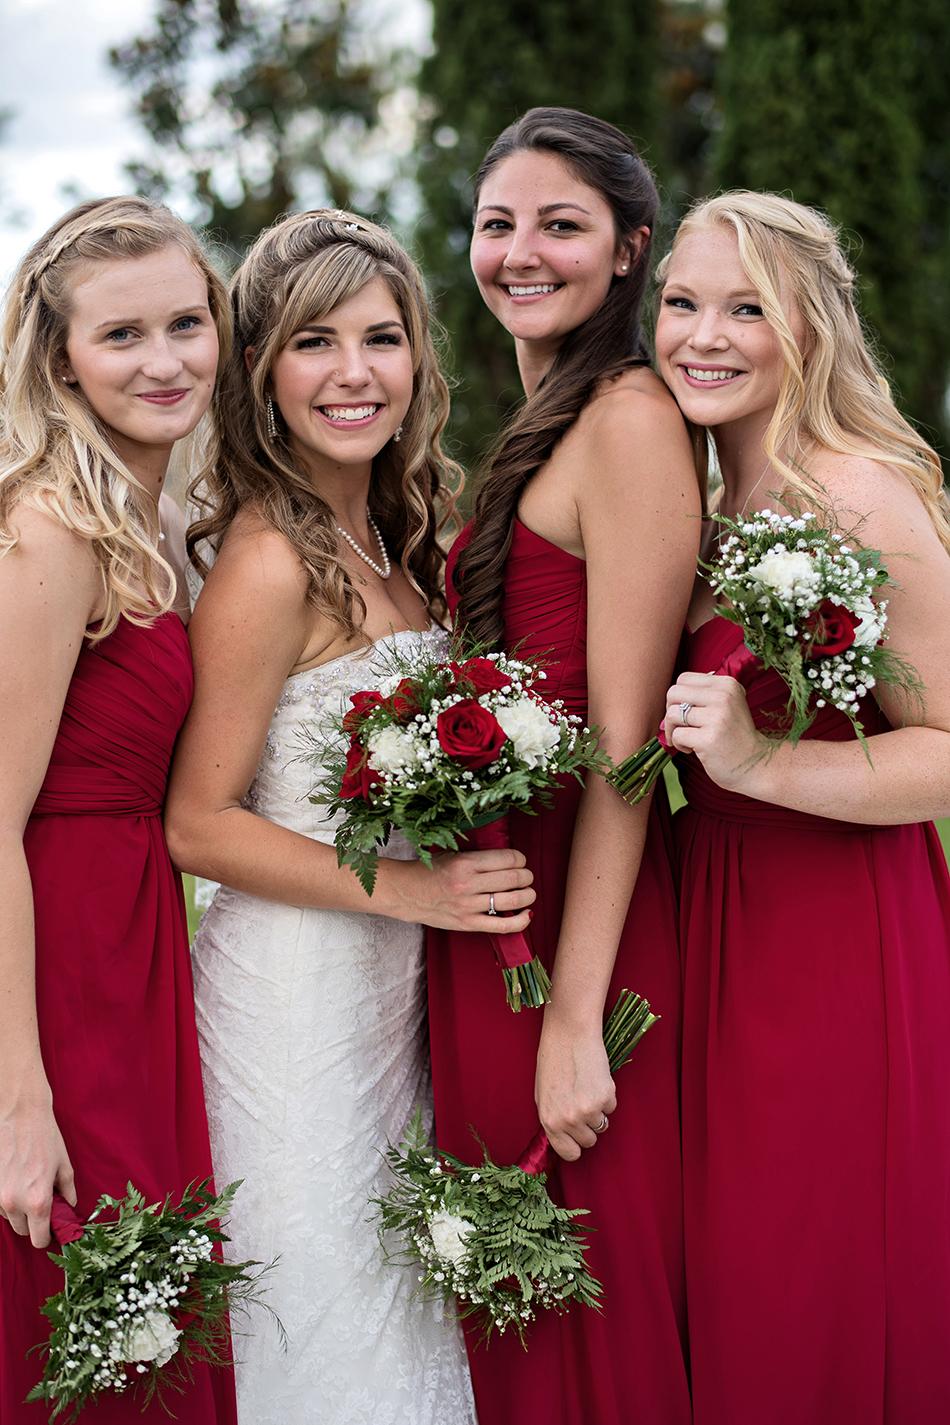 Bridesmaids wearing red